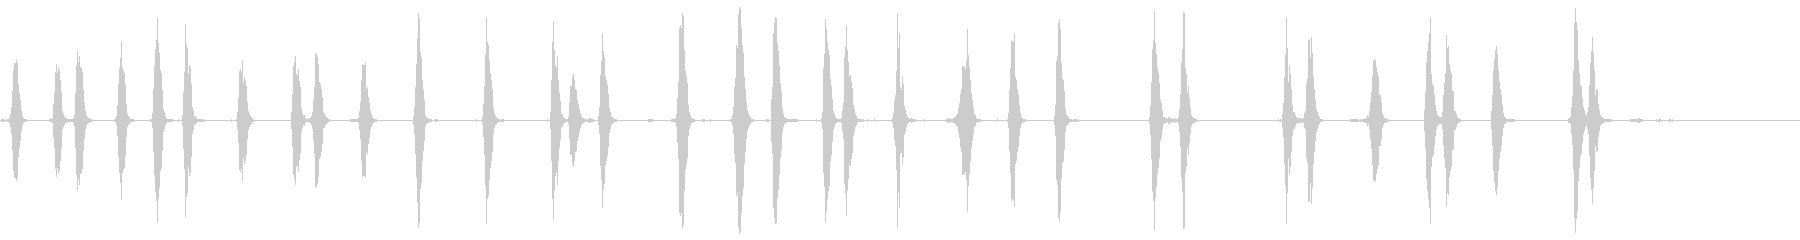 犬-樹皮4の未再生の波形